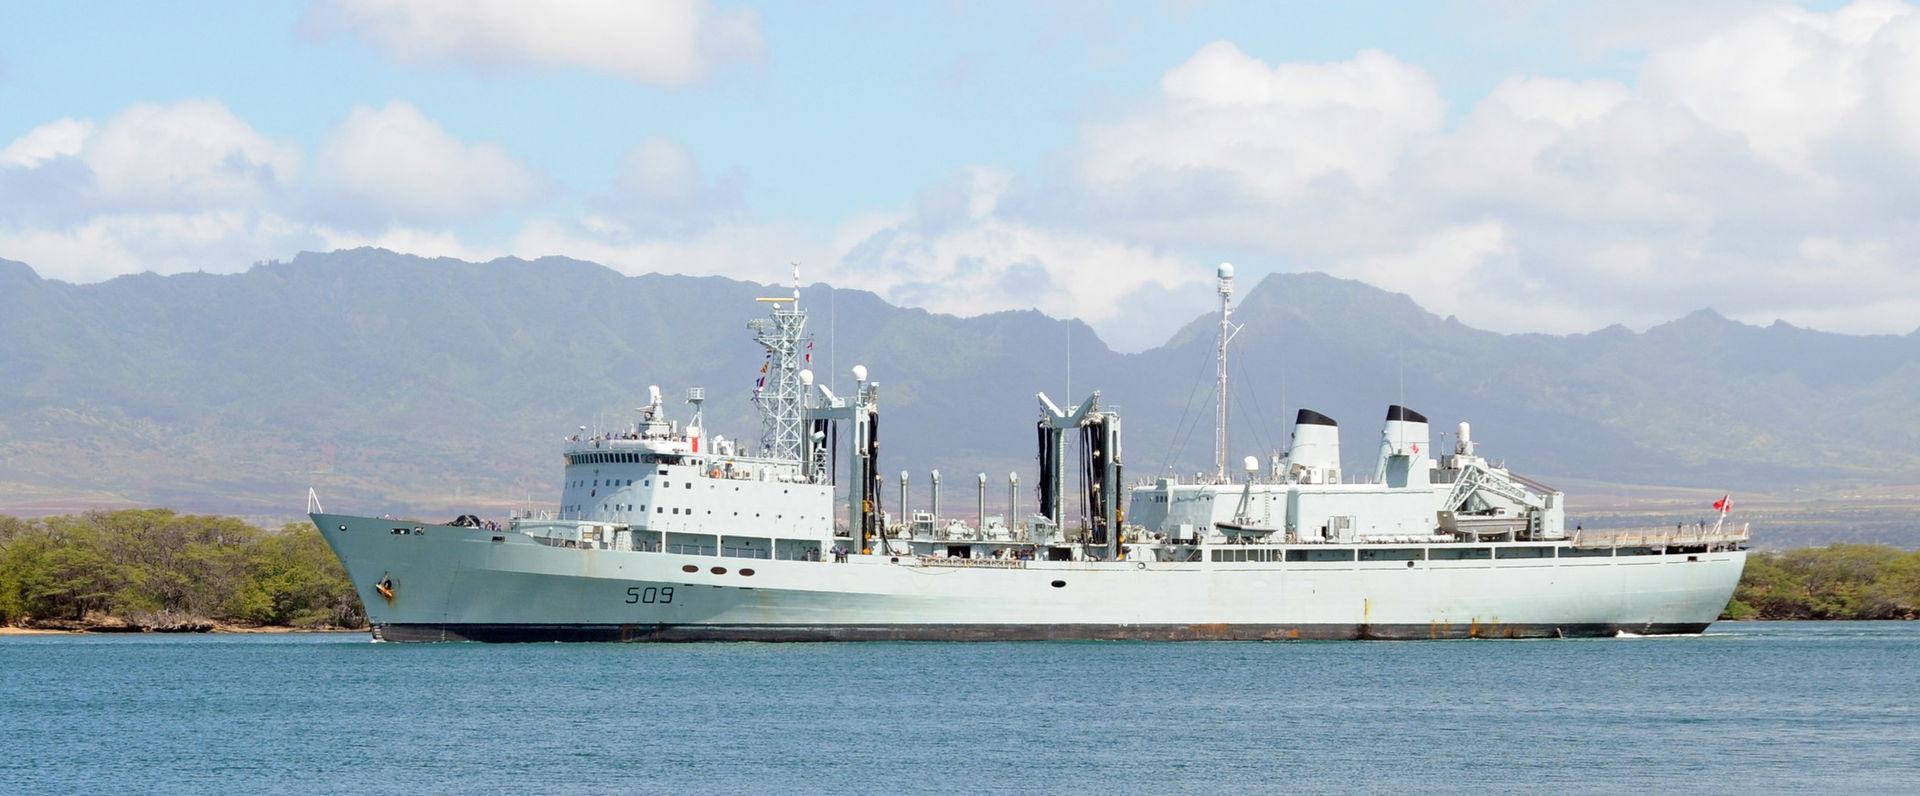 HMCS Protecteur (AOR 509).jpg